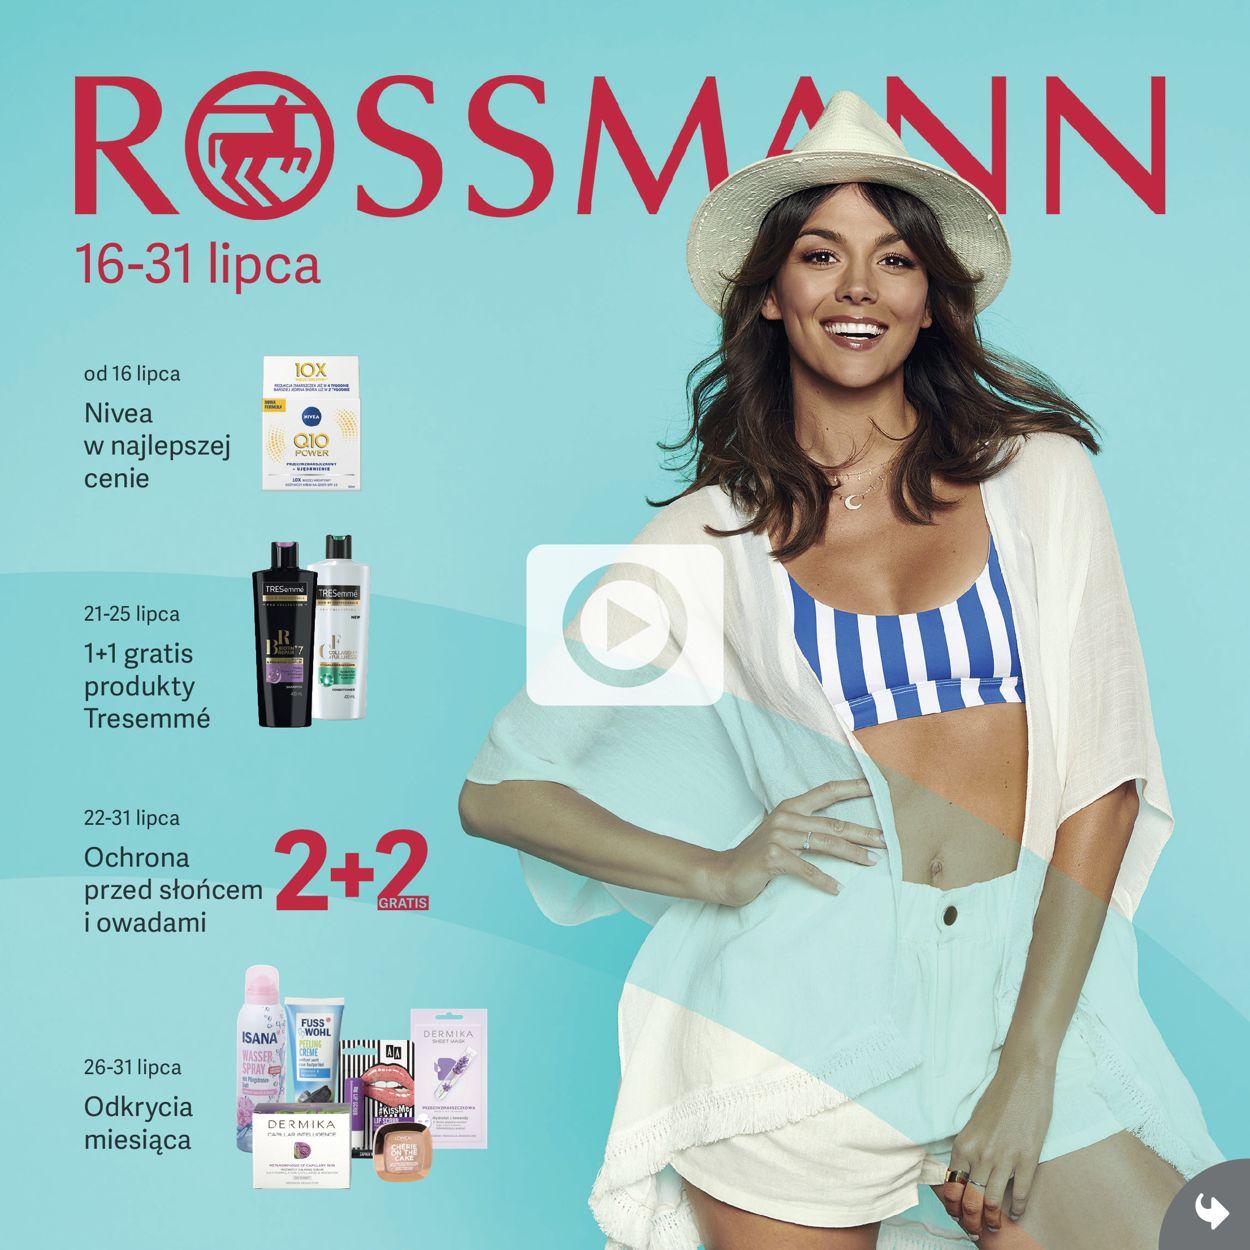 Gazetka promocyjna Rossmann - 16.07-31.07.2019